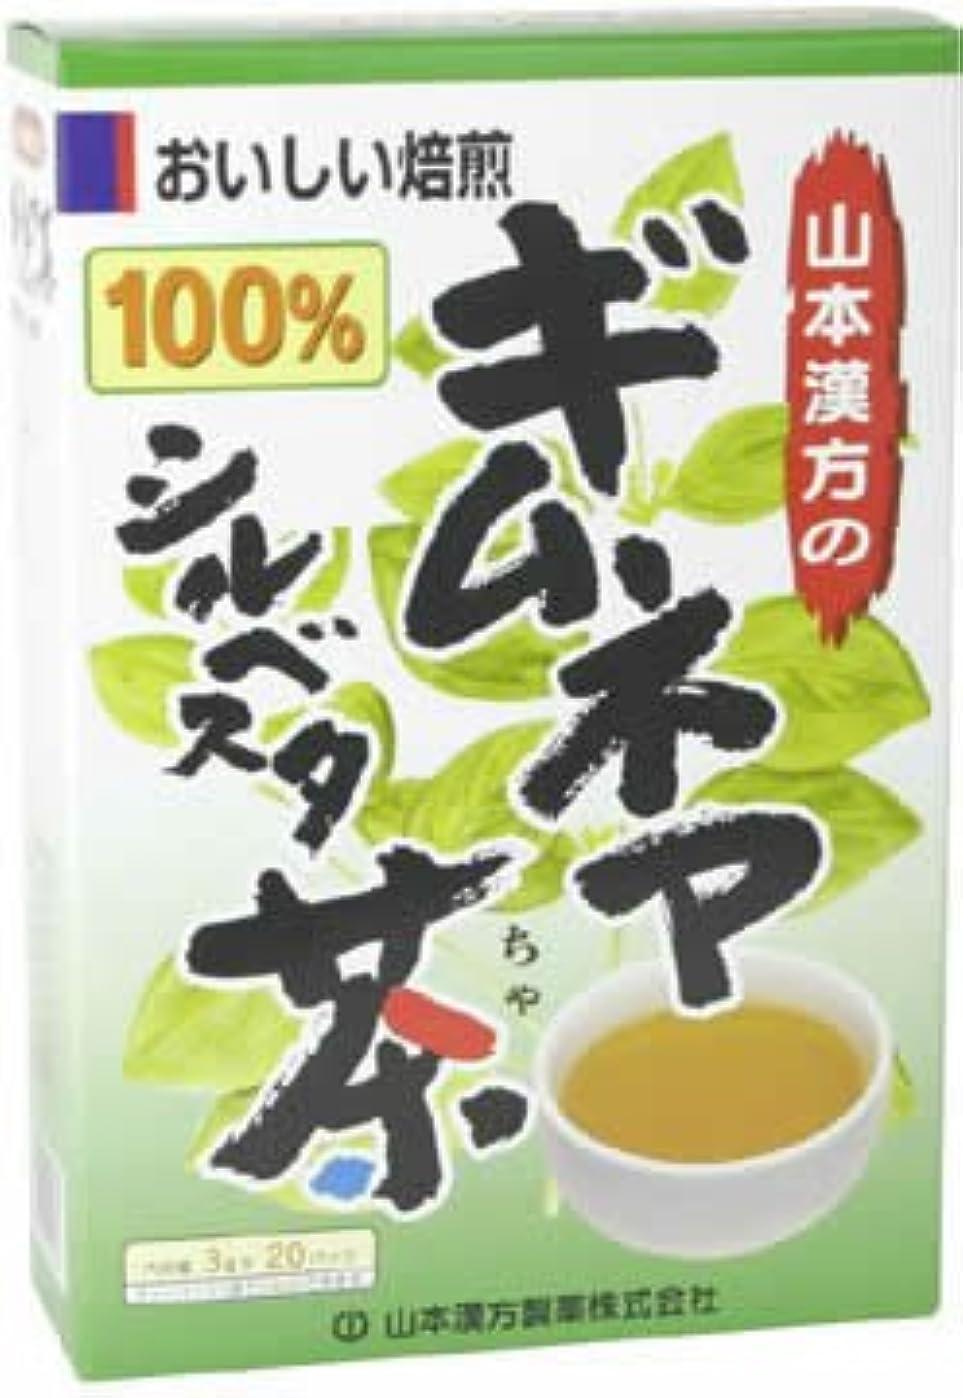 卵ゆるく衣装山本漢方製薬 ギムネマシルベスタ茶100% 3gX20H